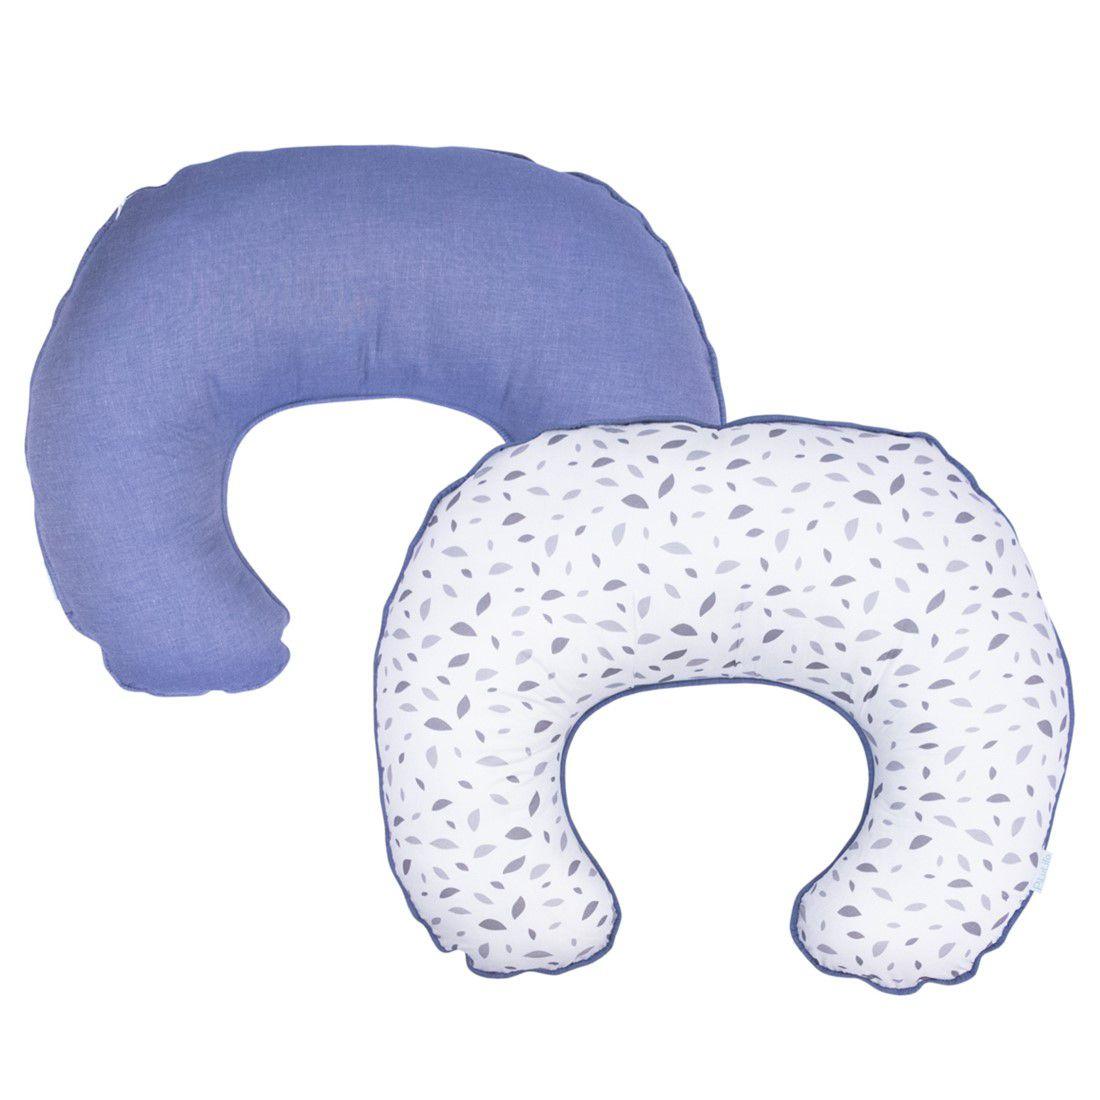 Almofada de amamentação Chão de Folhas Cinza com Azul Jeans